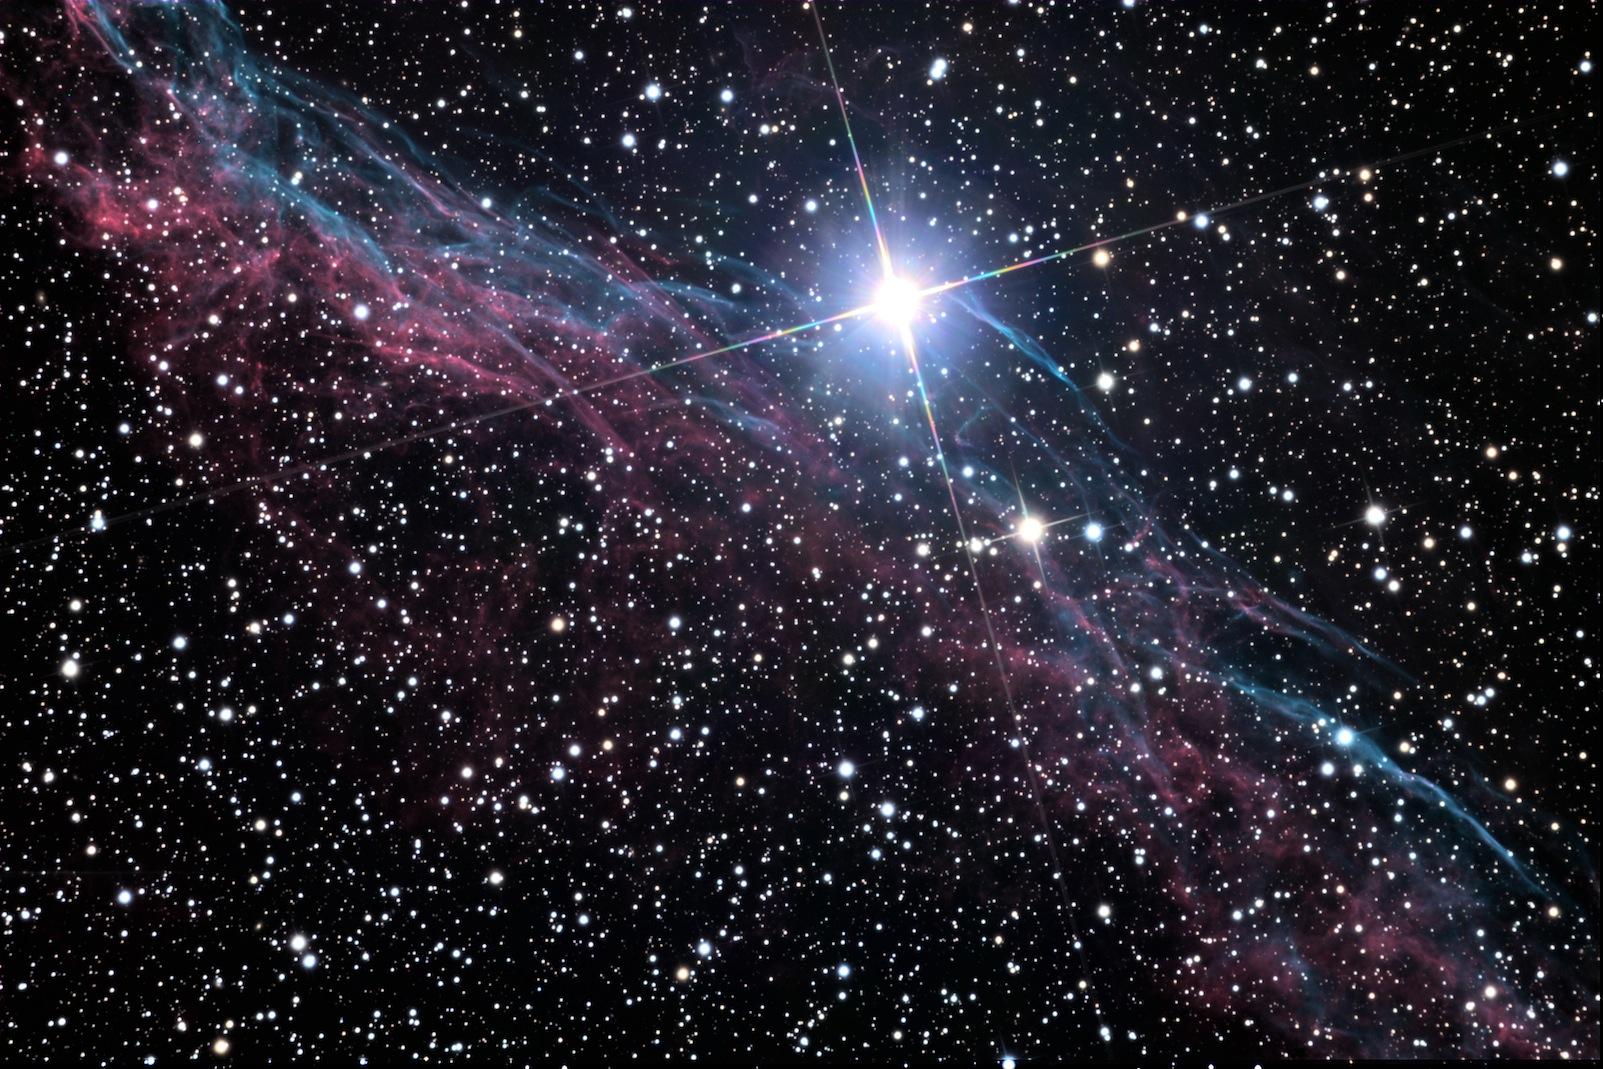 Veil_nebula